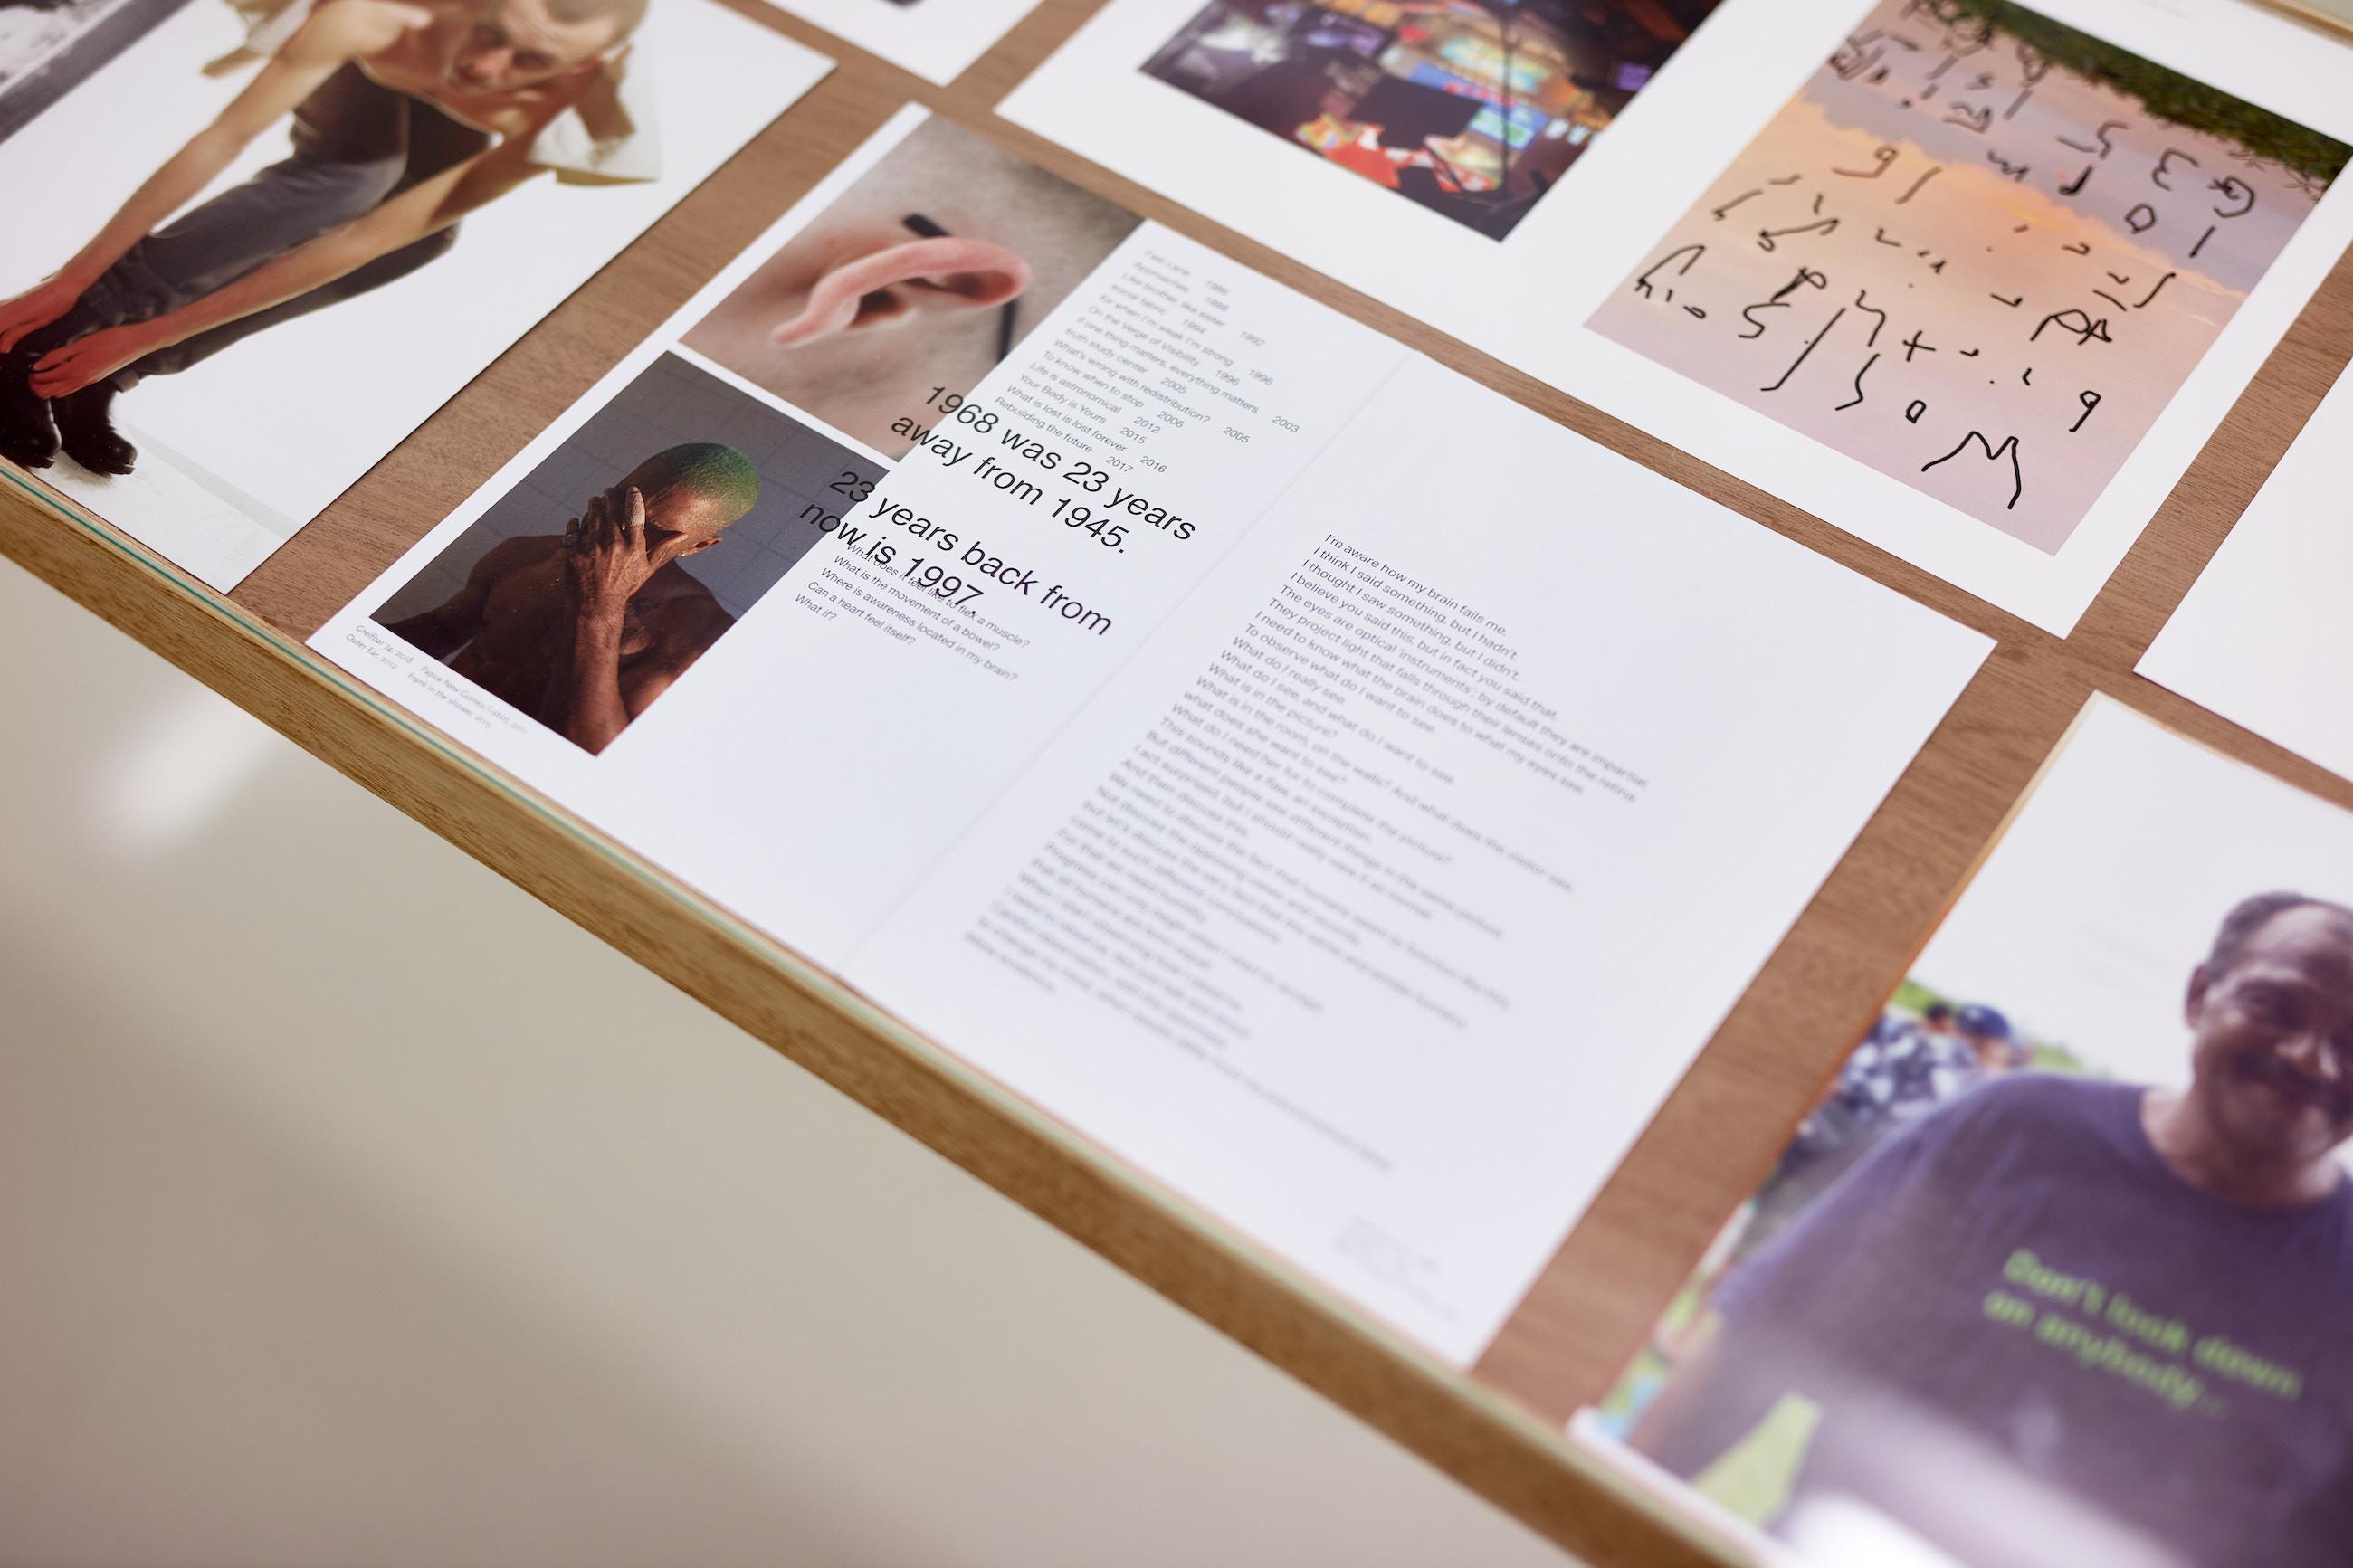 Wolfgang Tillmans: A te tested a tiéd . Kiállítási látkép, Trafó Galéria, 2021. Asztal lapokkal a 'four books', 2021 és a 'Wako Book 6' könyvekből, 2021 (részlet). Fotó: Biró Dávid